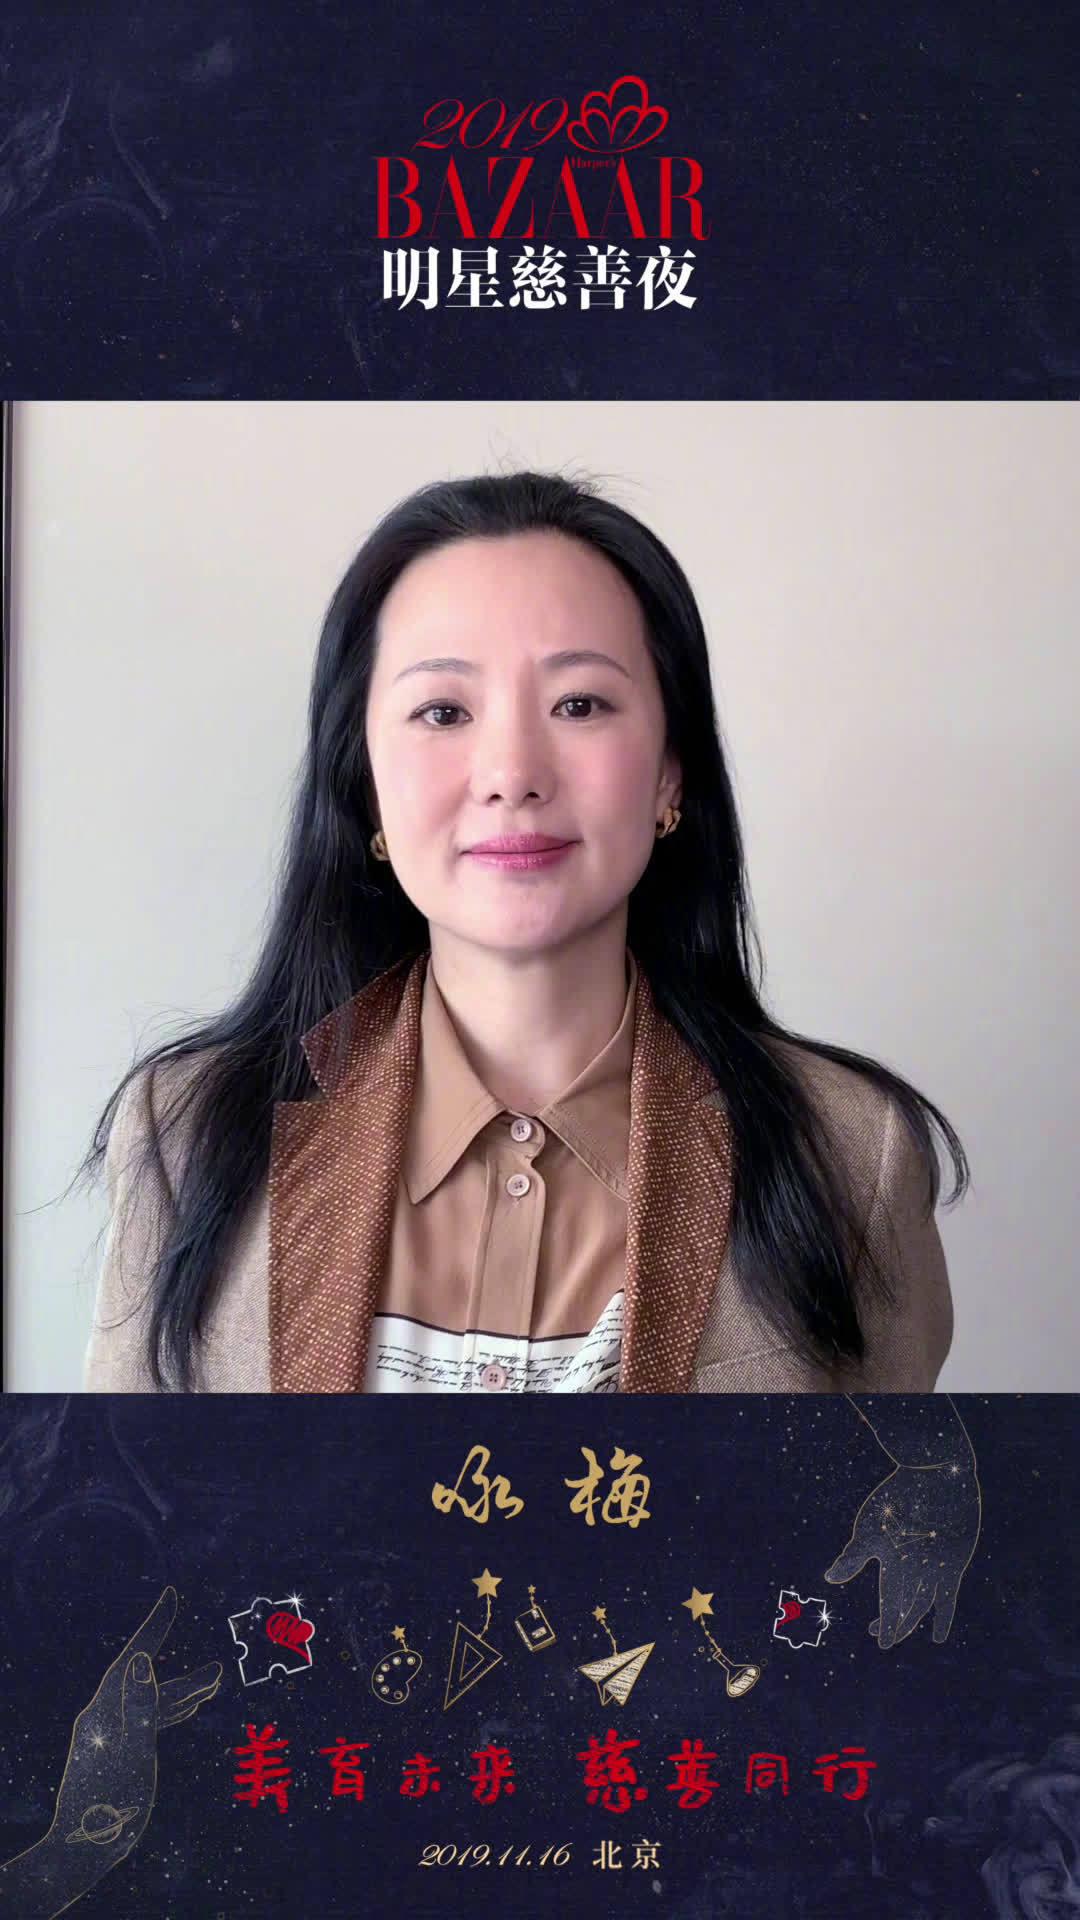 2019 爱是坚持,感谢@咏梅的微 ,为爱凝聚。 @小荔BAZAAR